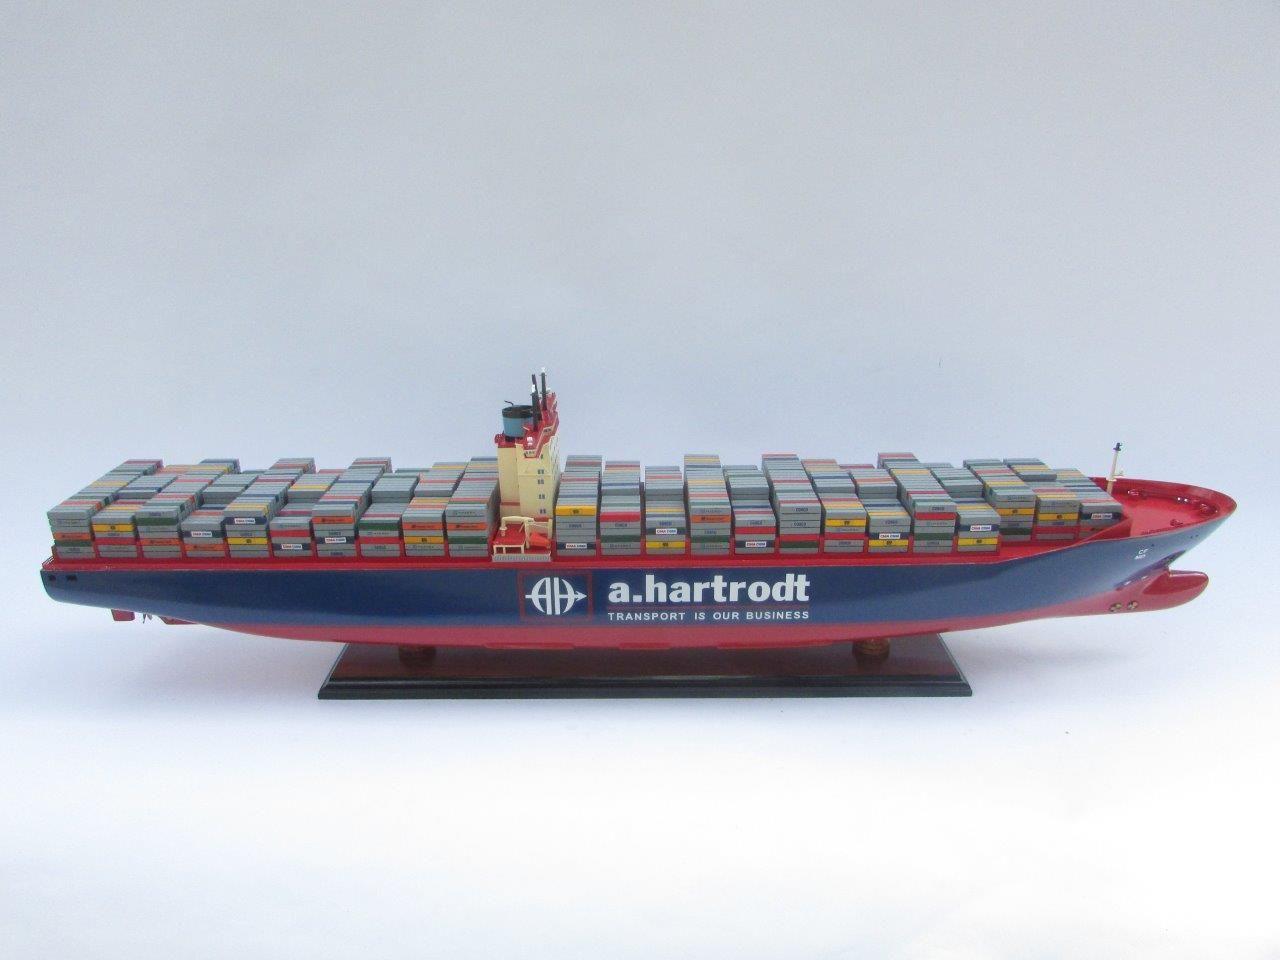 1829-10816-Emma-Maersk-Custom-Ship-Model-with-Rebranding